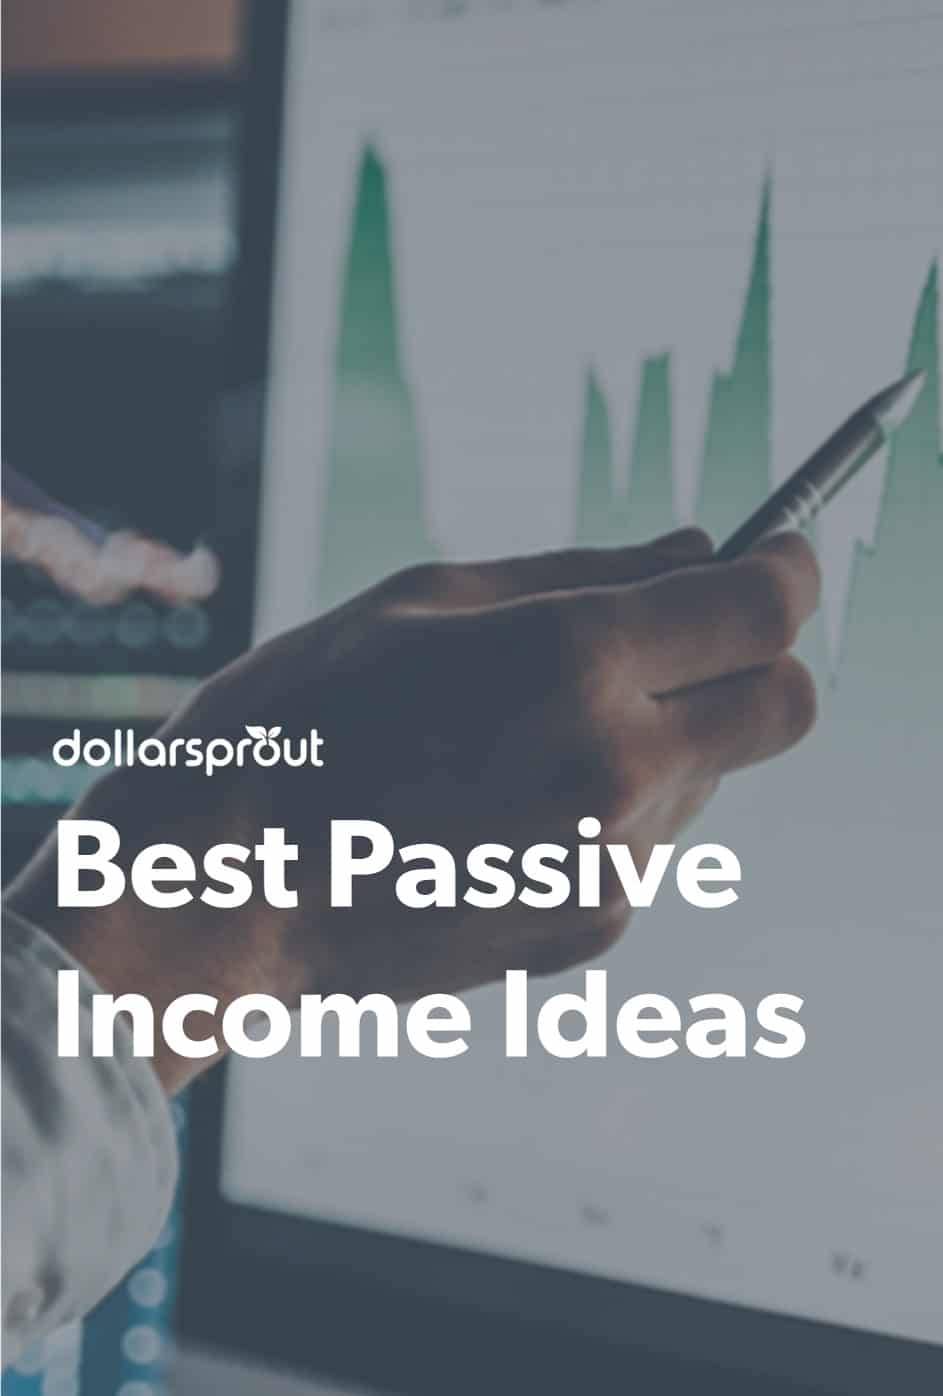 È tempo di smettere di scambiare il tuo tempo per soldi.  Ecco un elenco di 13 idee facili per il reddito passivo che puoi utilizzare per iniziare a stabilire un flusso di entrate extra oggi.  Alcuni puoi iniziare online adesso.  Altri modi richiedono un lavoro anticipato (attivo), ma pagheranno i dividendi in un secondo momento.  Dipende tutto da te!